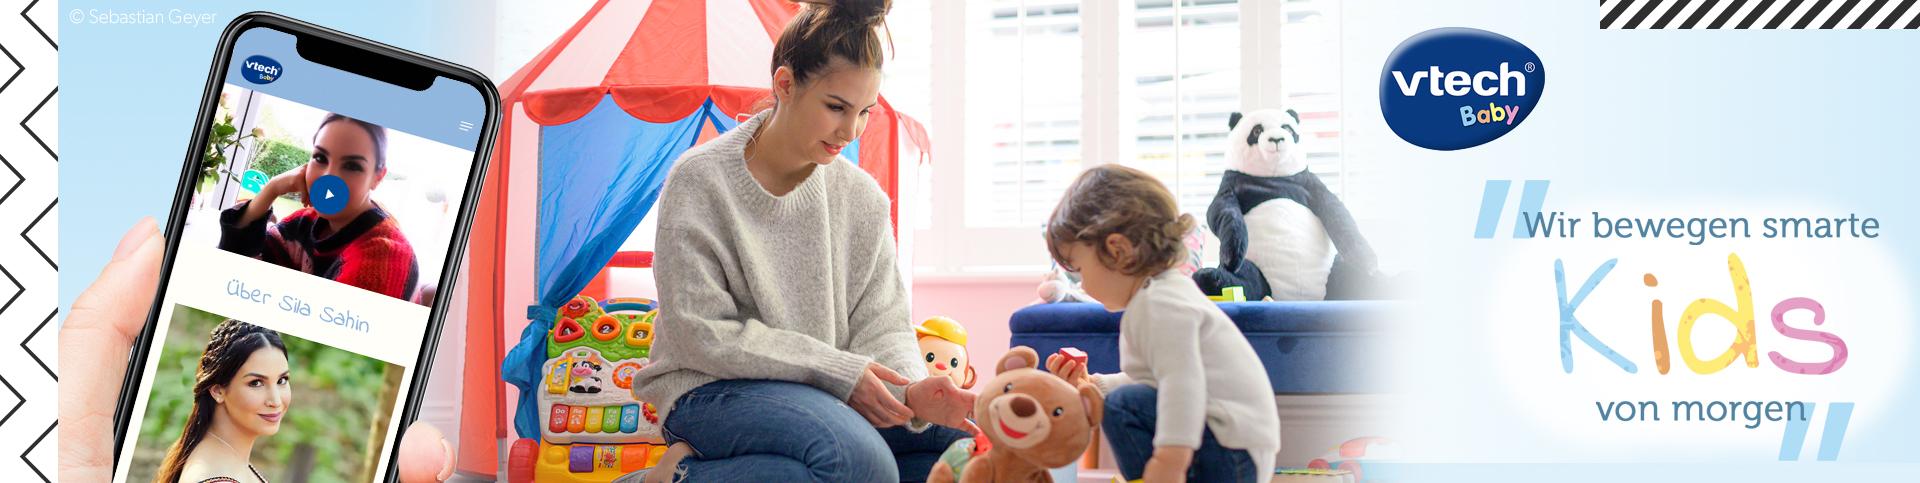 Sila Sahin, die neue Markenbotschafterin von VTech Baby, spielt mit ihrem Sohn und den VTech Lernspielzeugen